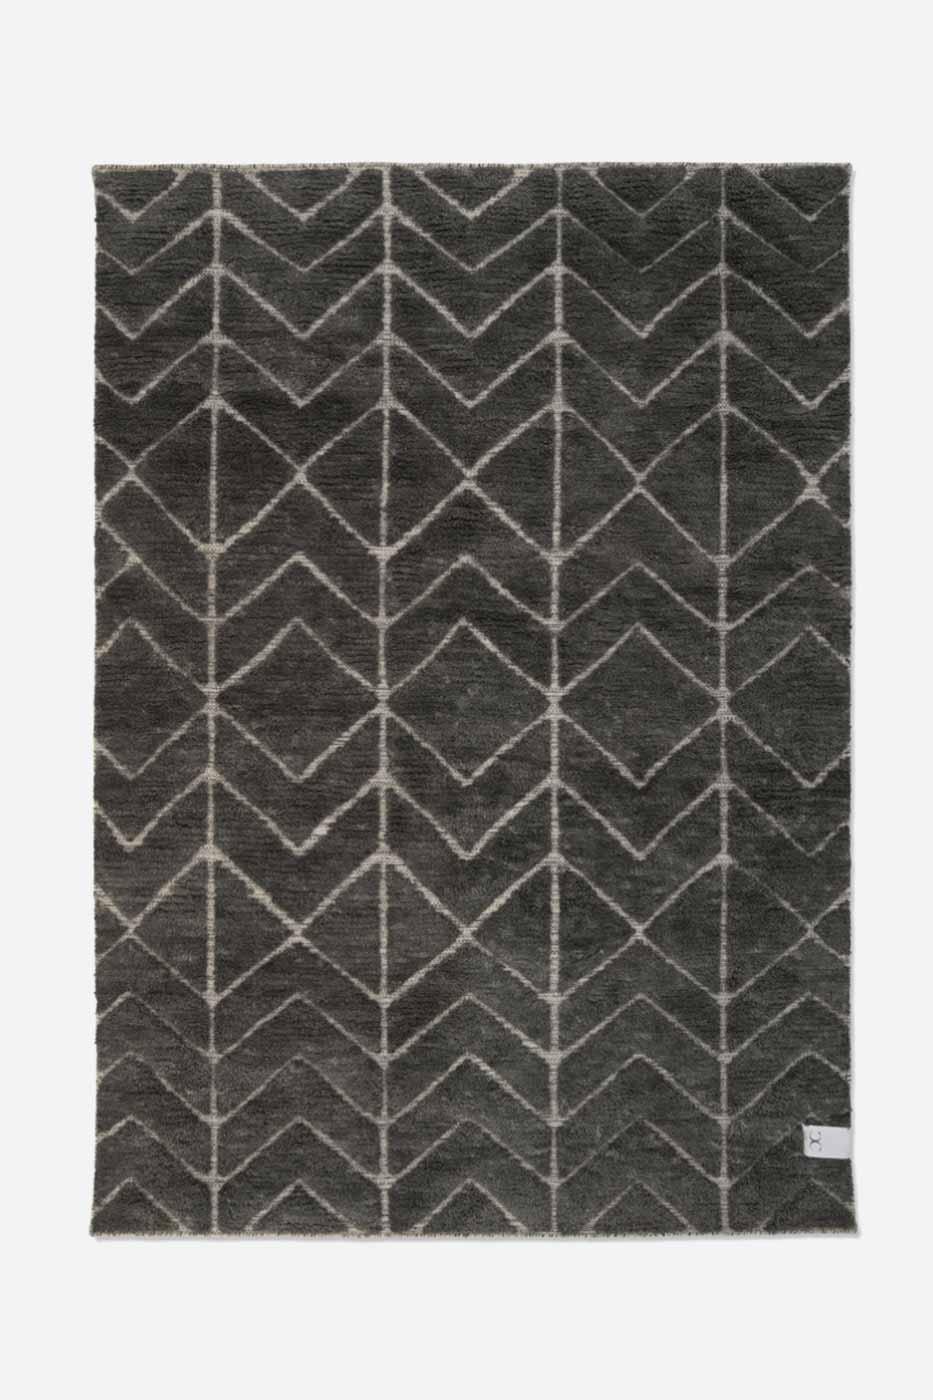 Matta Soho 250x350cm Pavement